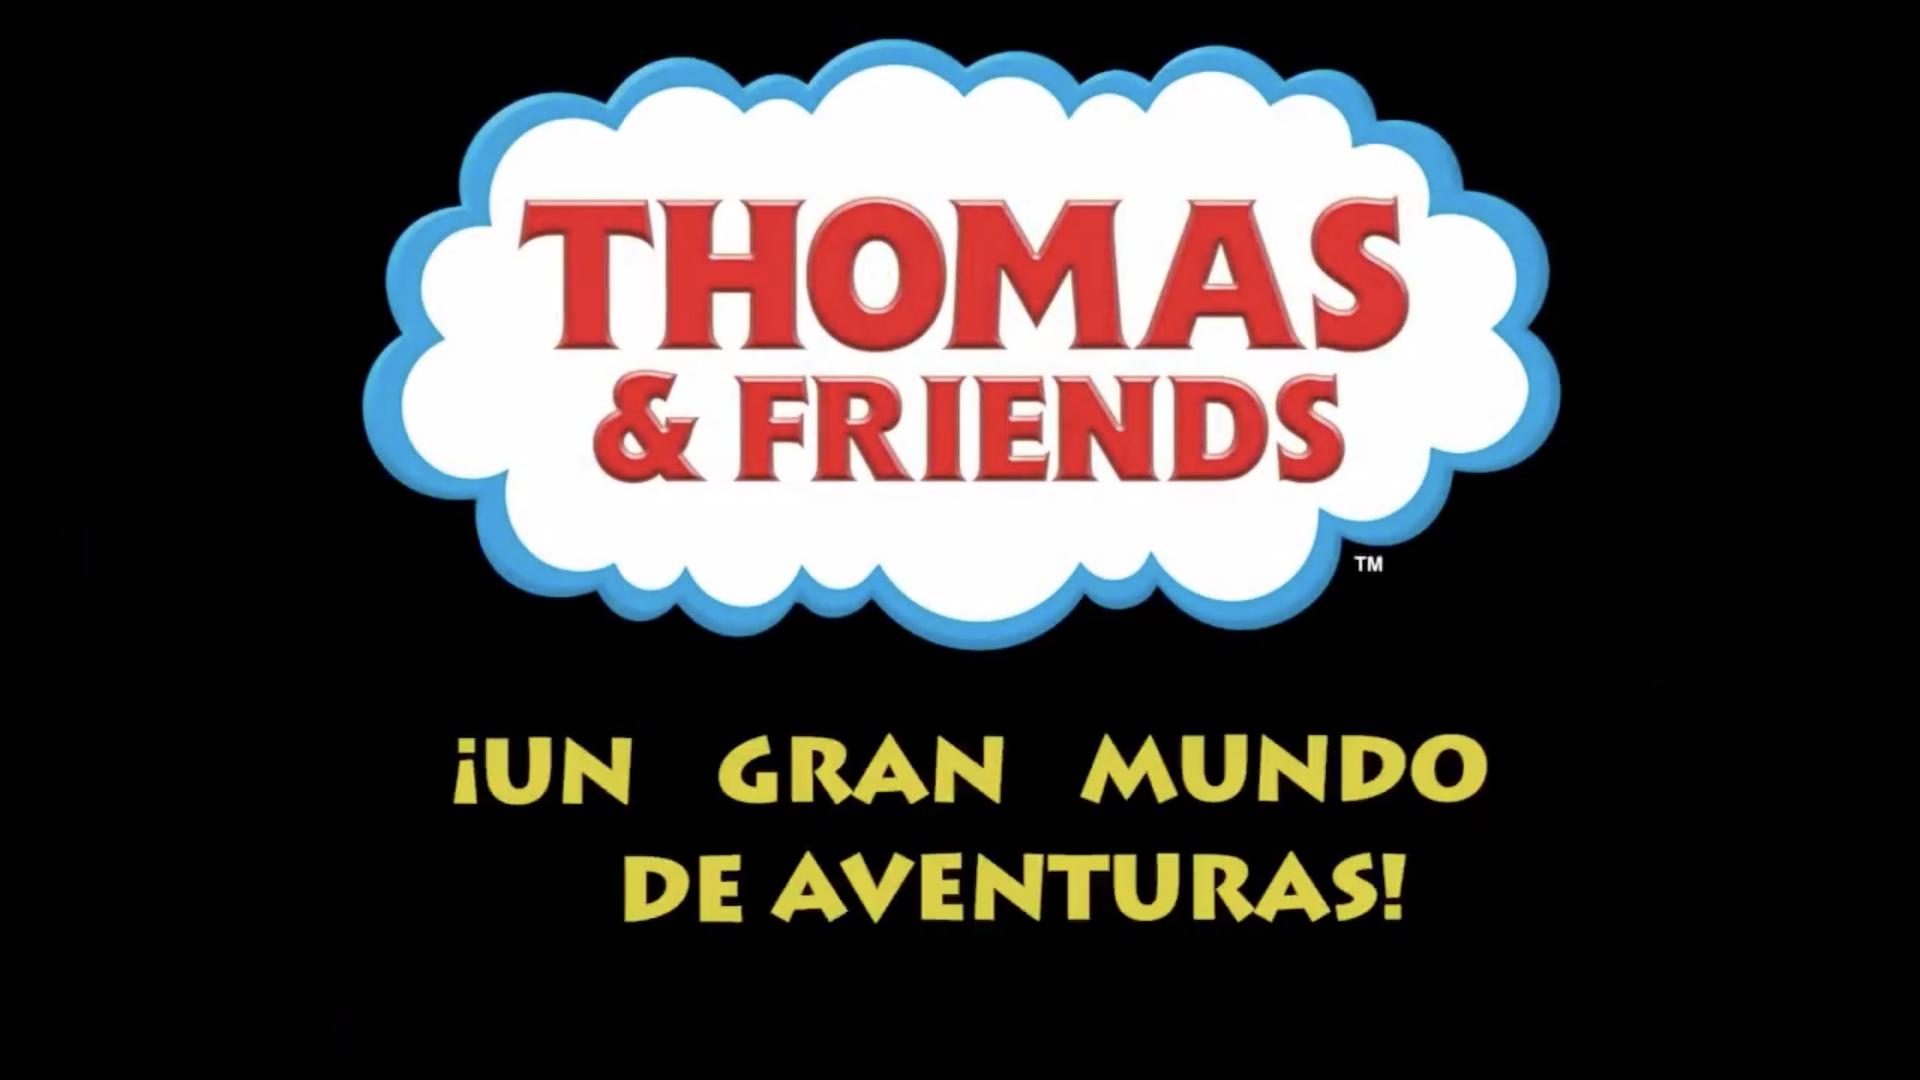 Sus Español Temporada Thomas 22Wiki Y Powered Amigos Fandom By qUzMVSp